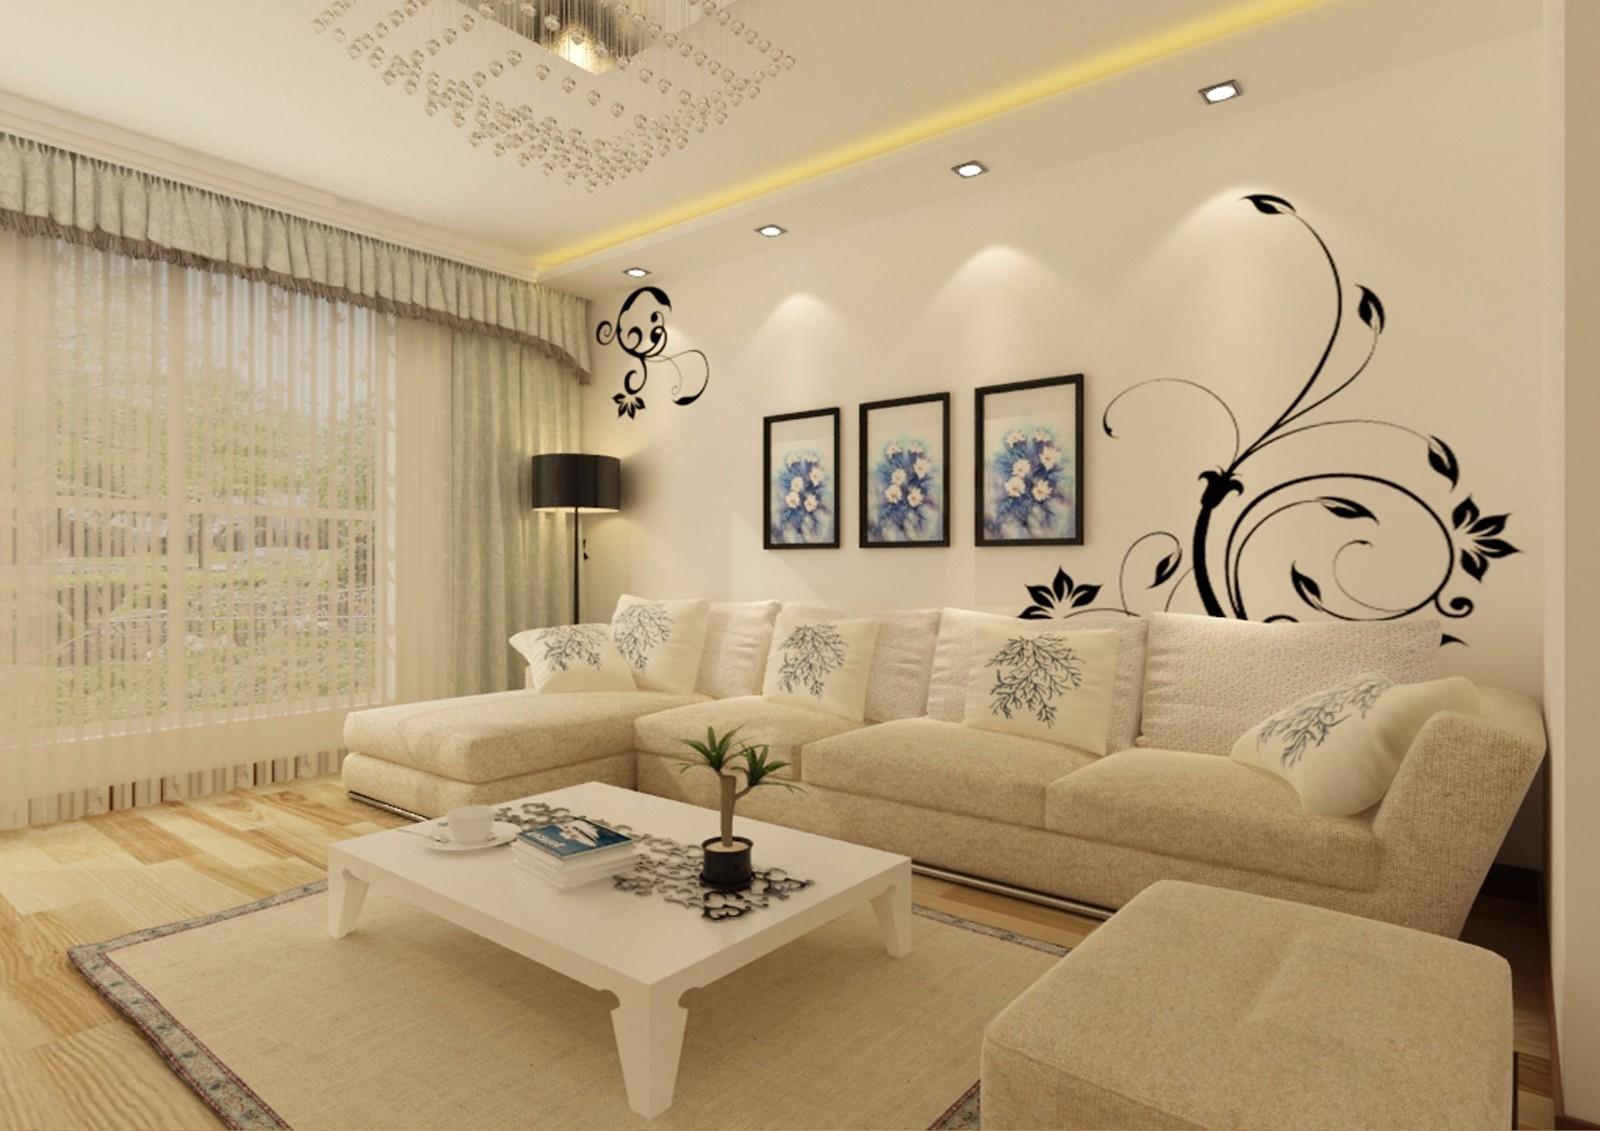 四川佰利居建筑装饰工程有限责任公司